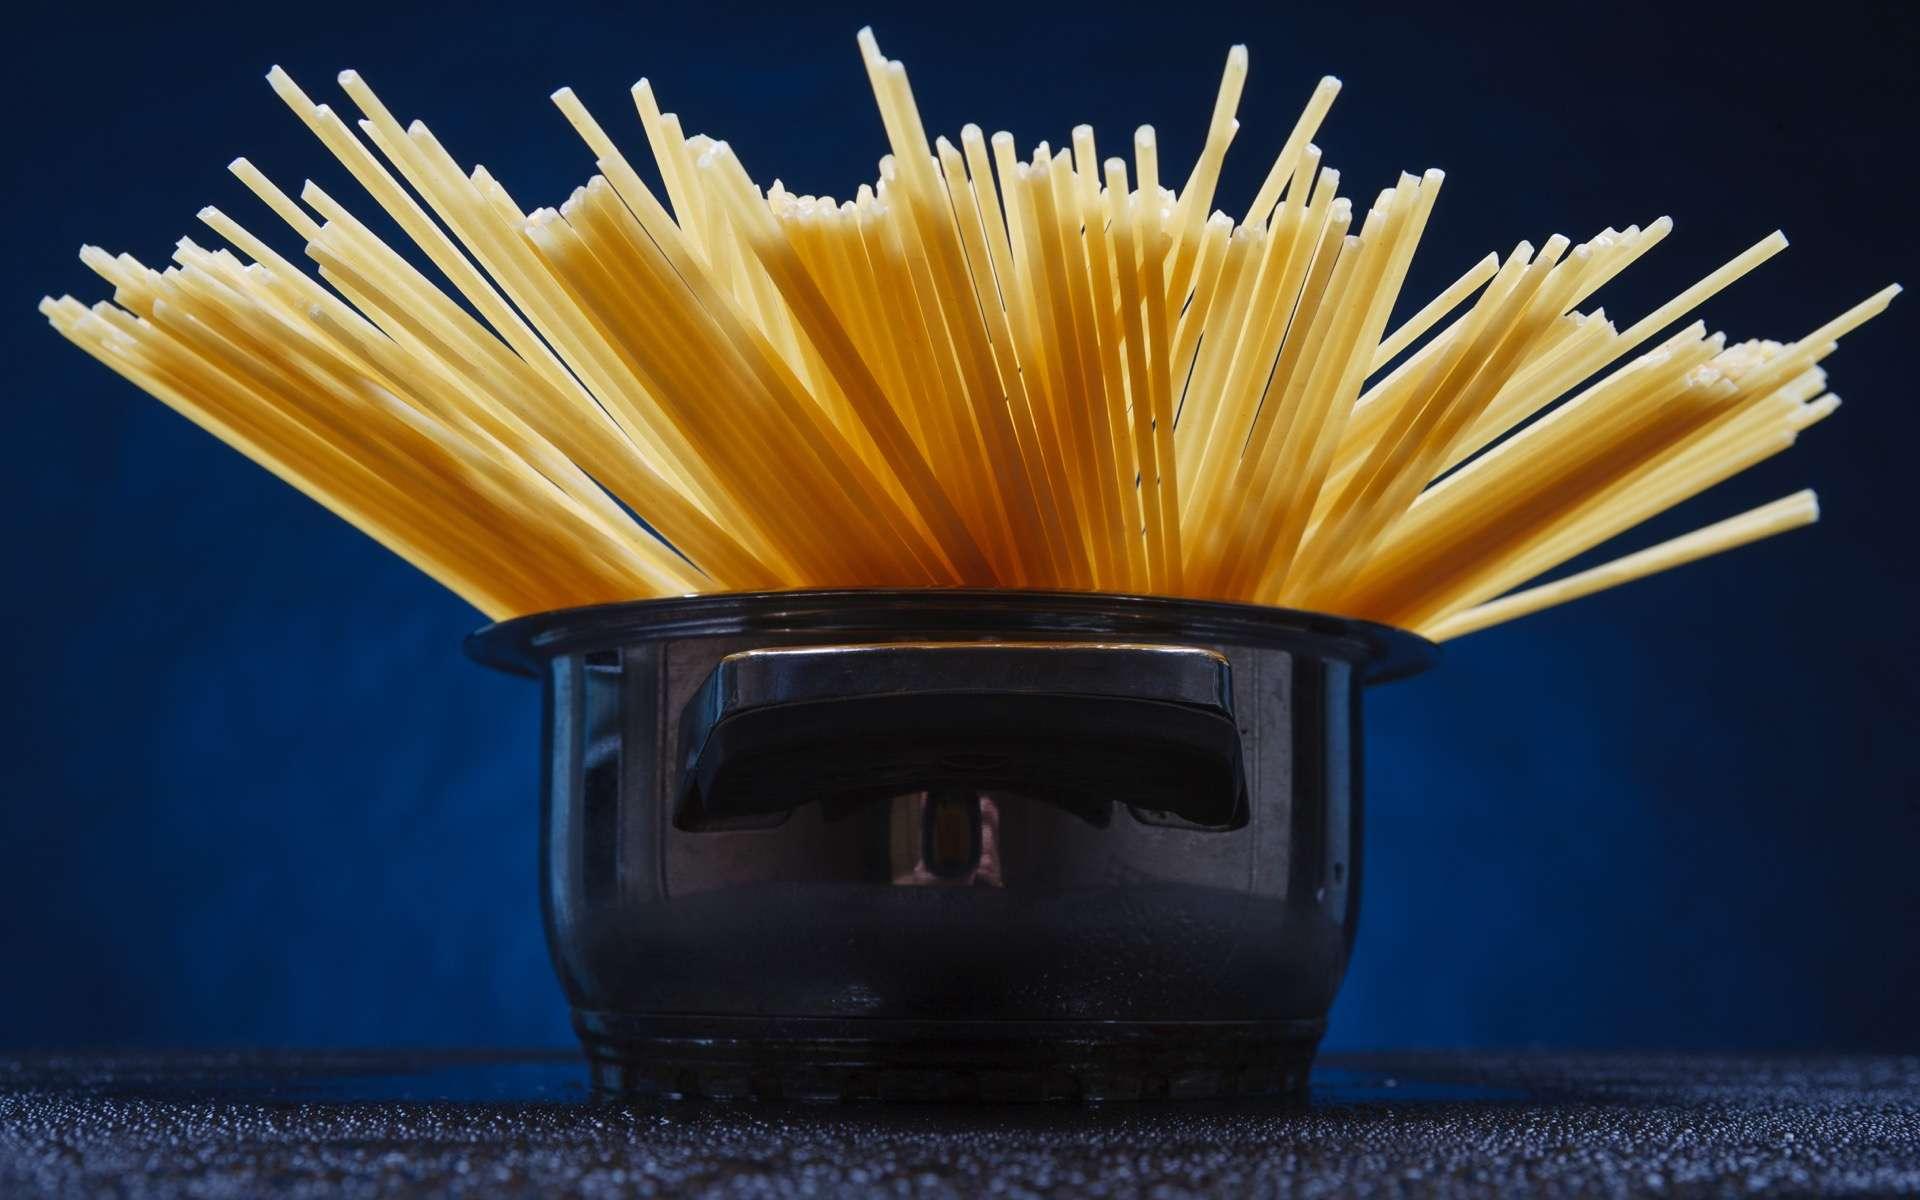 Le spaghetti fait l'objet d'un nombre impressionnant d'études scientifiques. © DimaP, Adobe Stock